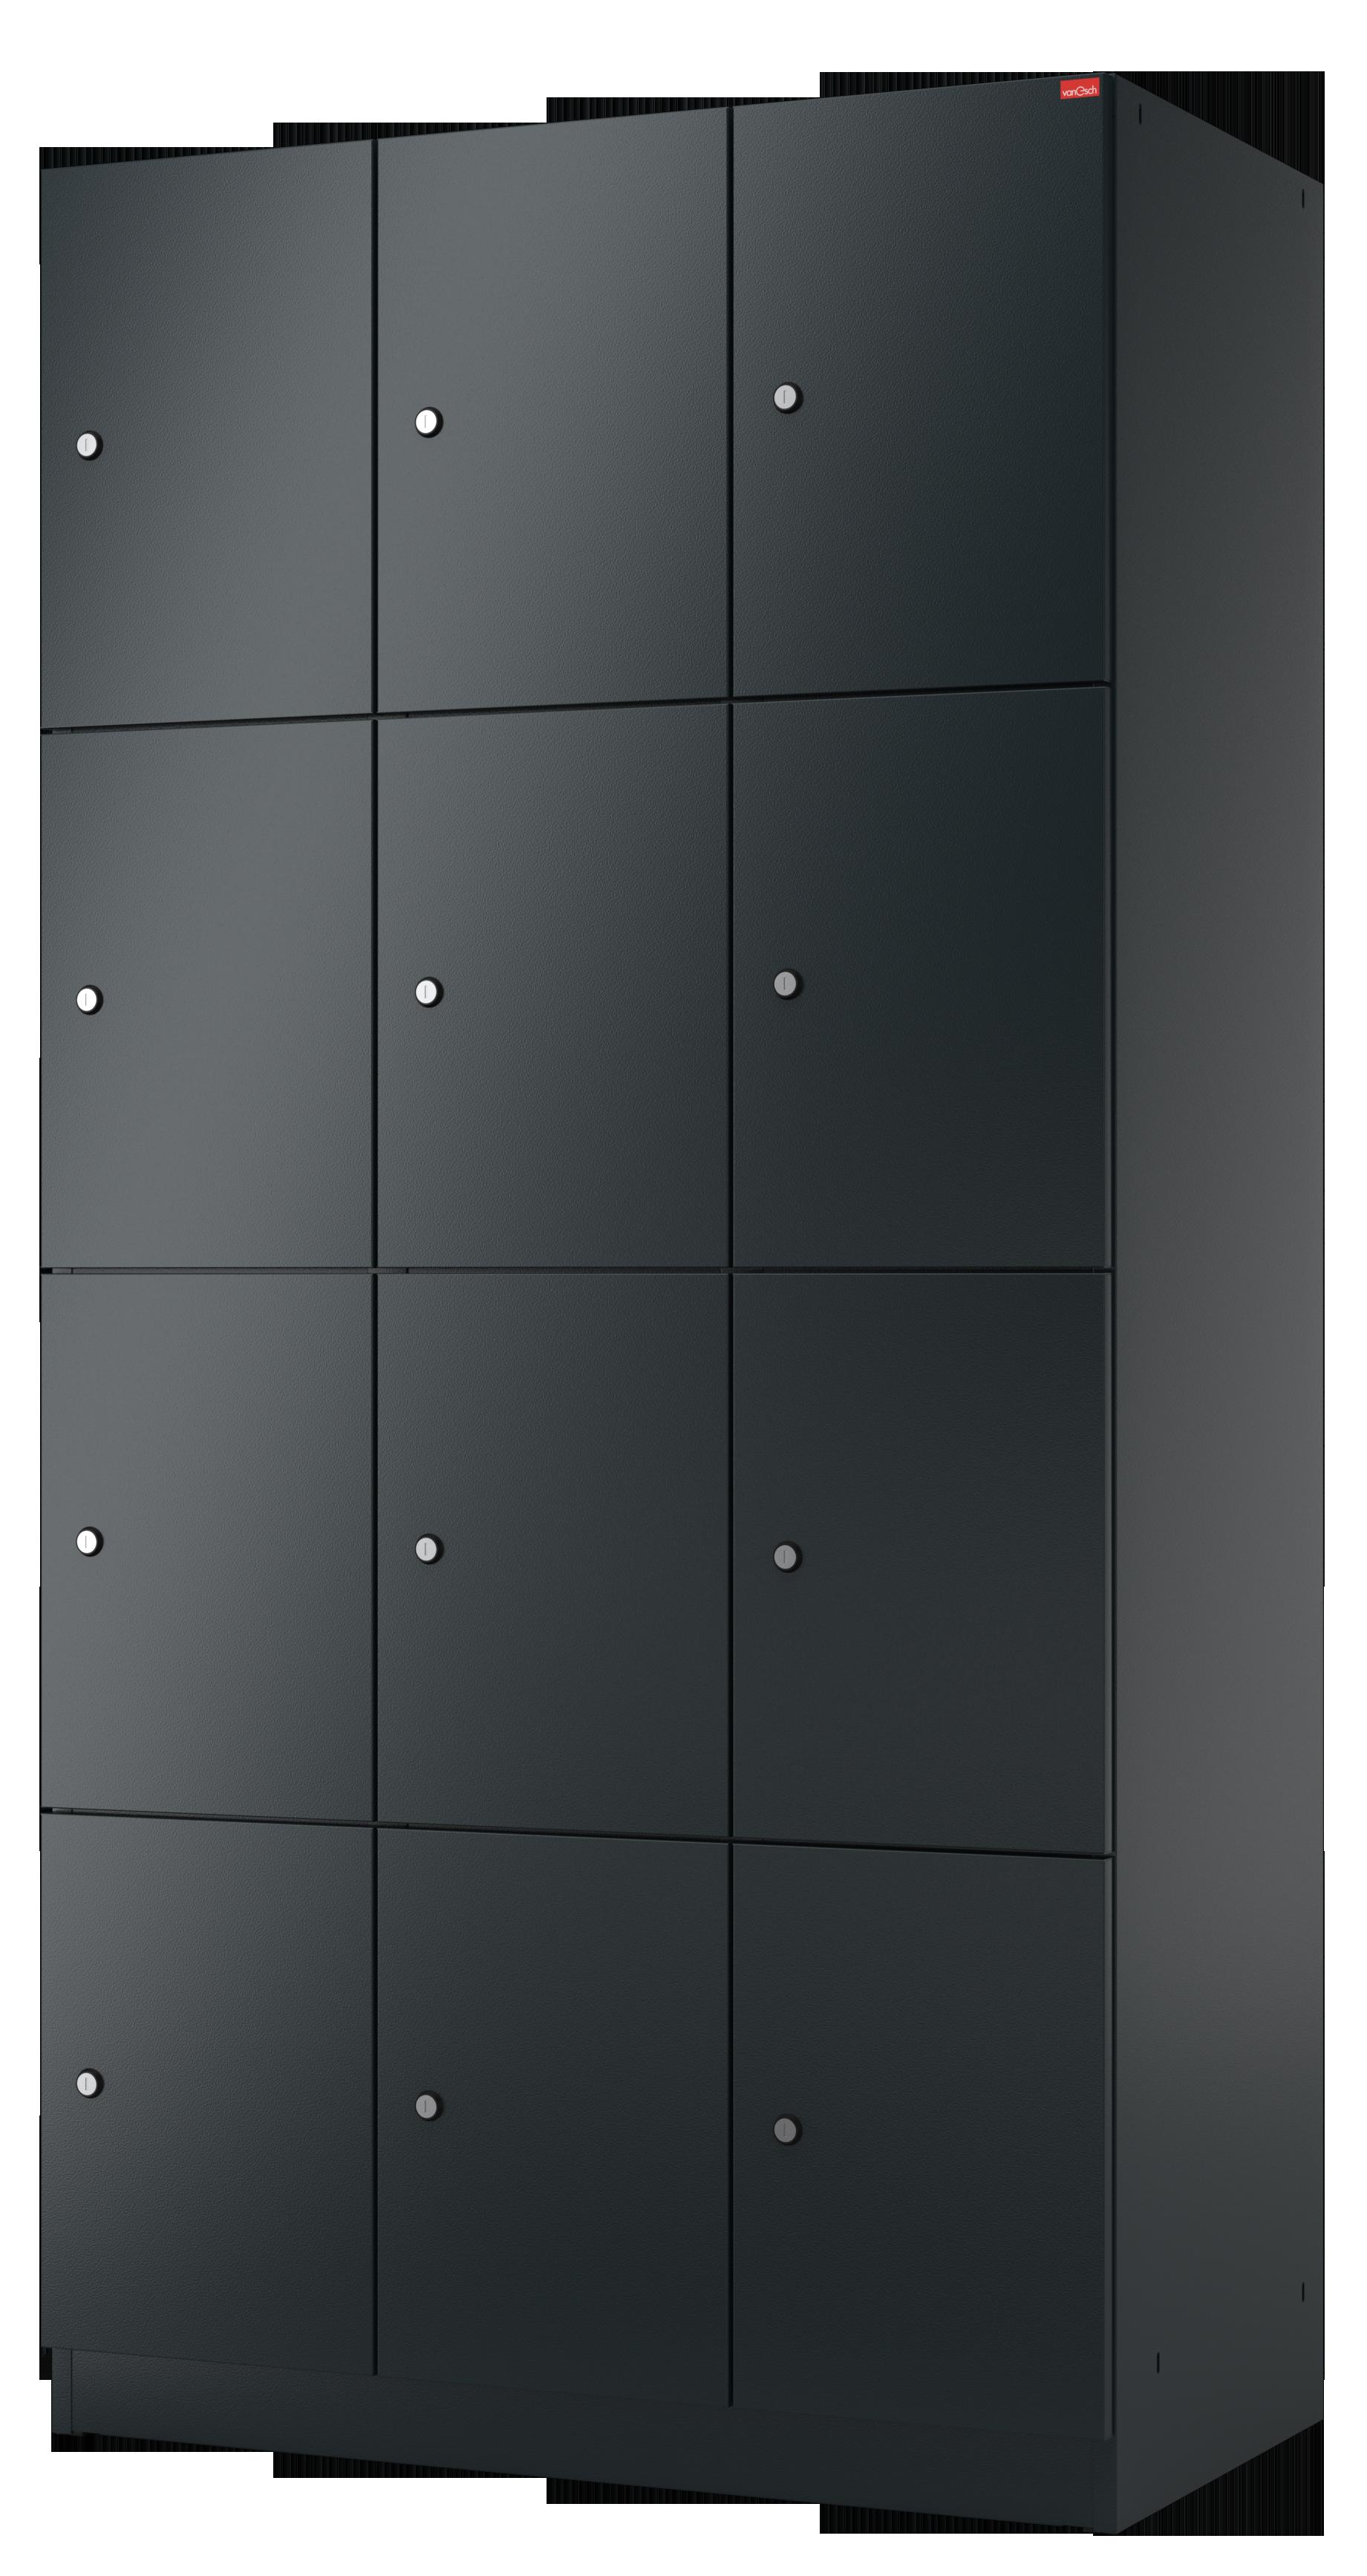 Metall-Schließfach mit Türen